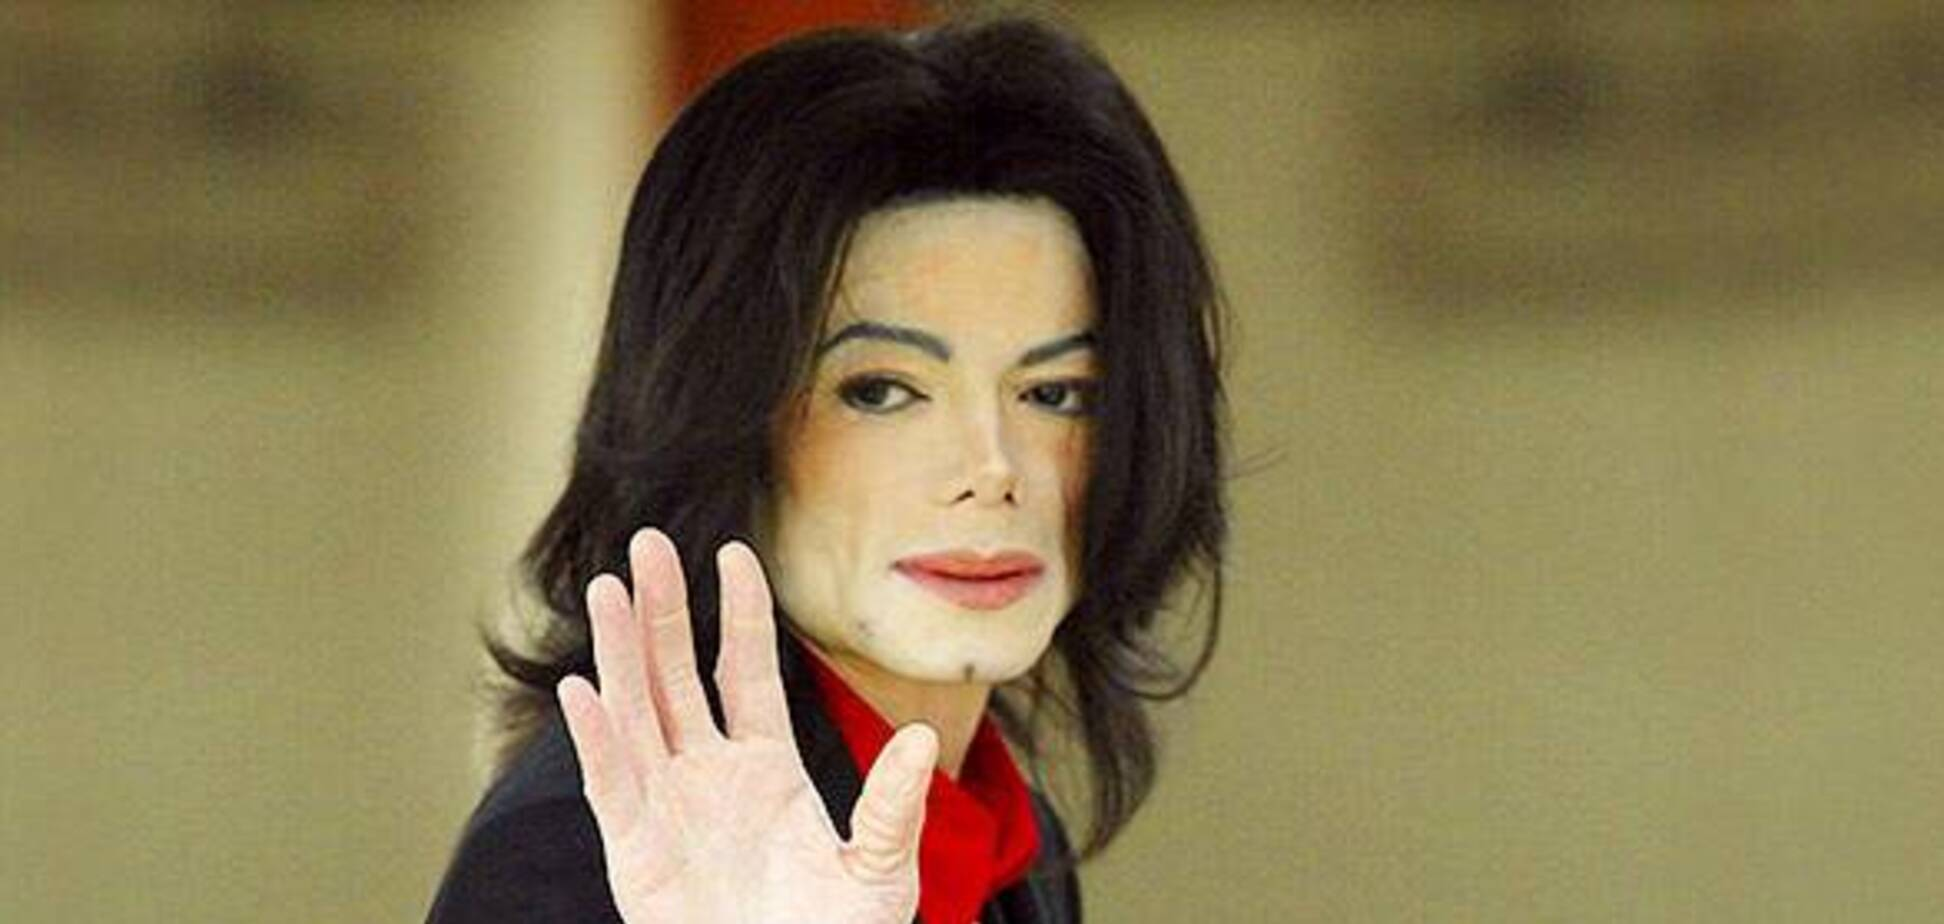 Опубліковані унікальні записи з таємного щоденника Майкла Джексона